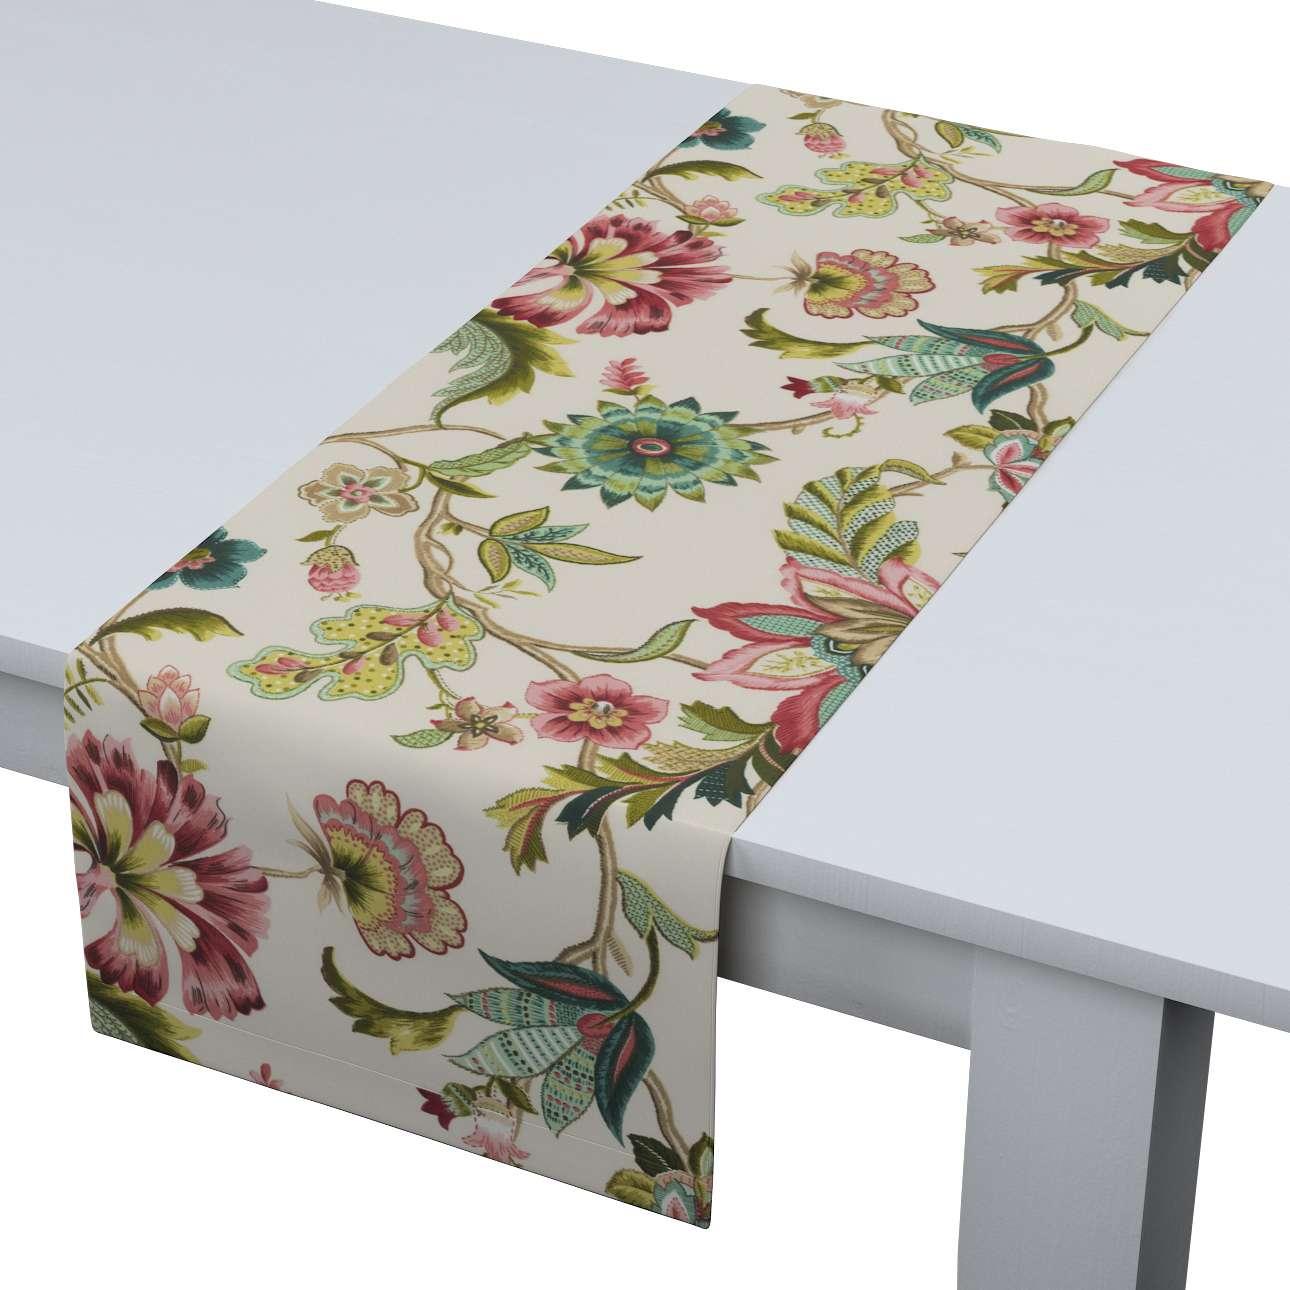 Bieżnik prostokątny 40x130 cm w kolekcji Londres, tkanina: 122-00